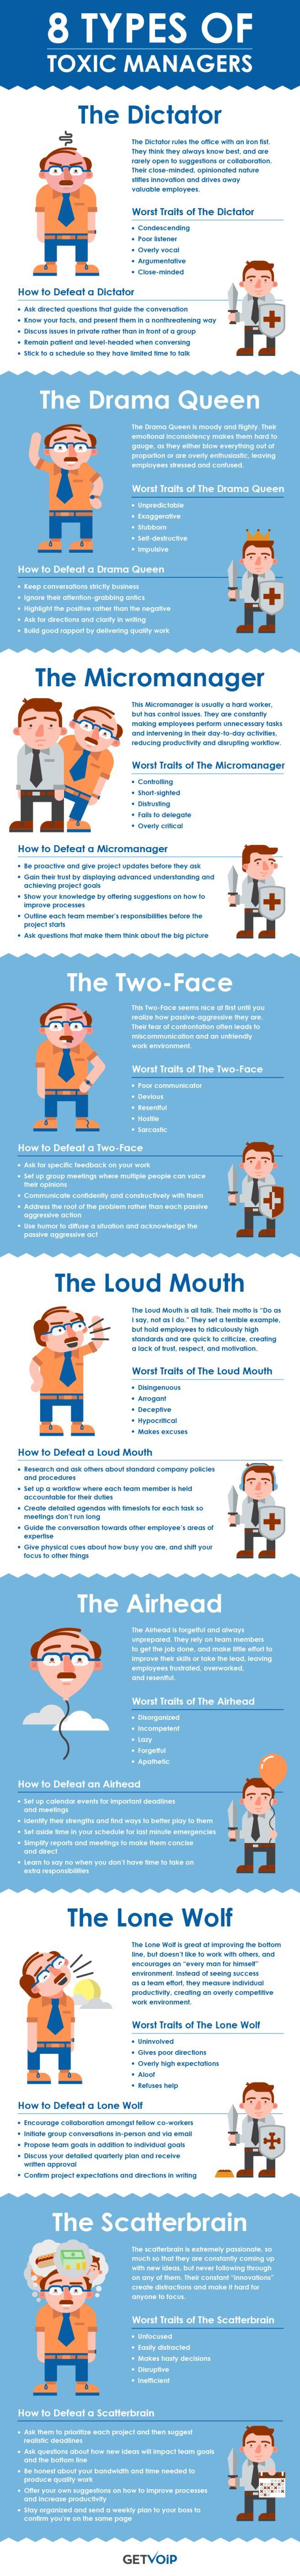 Infografía sobre los tipos de jefes tóxicos